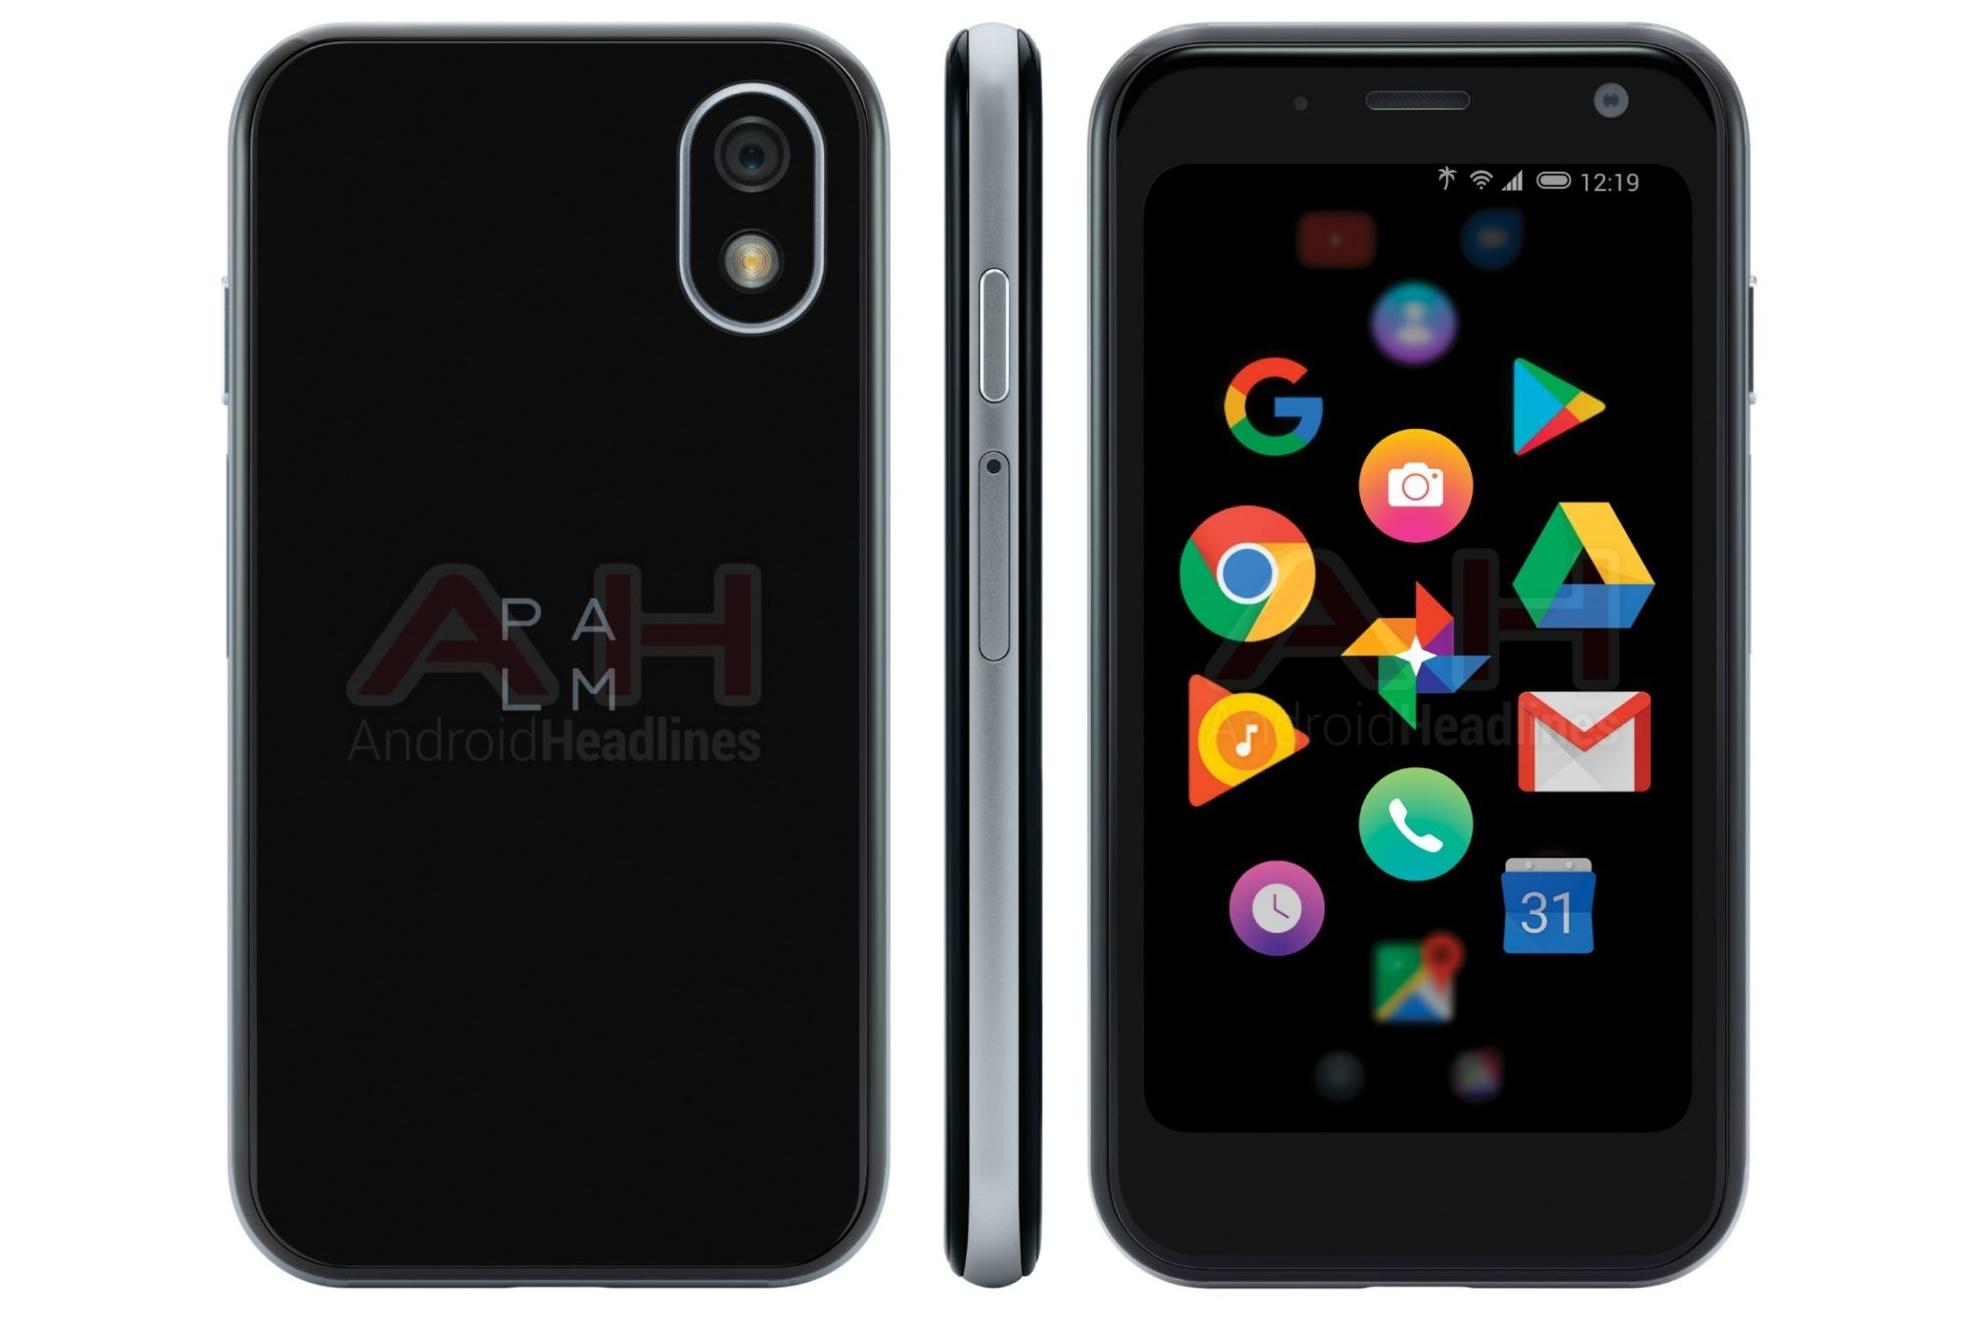 Imagem de Smartphone da Palm aparece em nova imagem no tecmundo